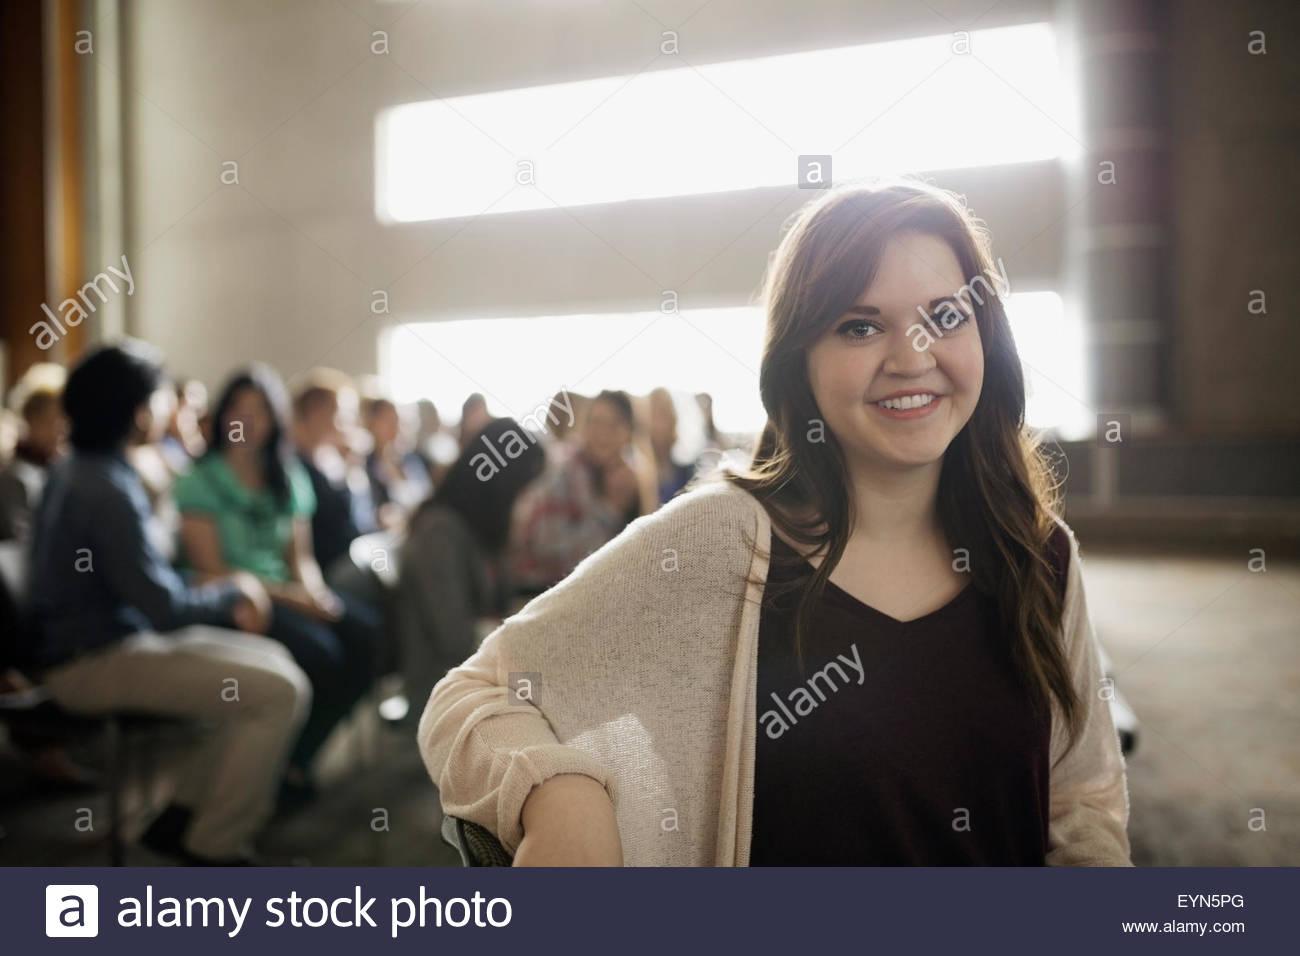 Porträt lächelnde Brünette Frau im Auditorium Publikum Stockbild